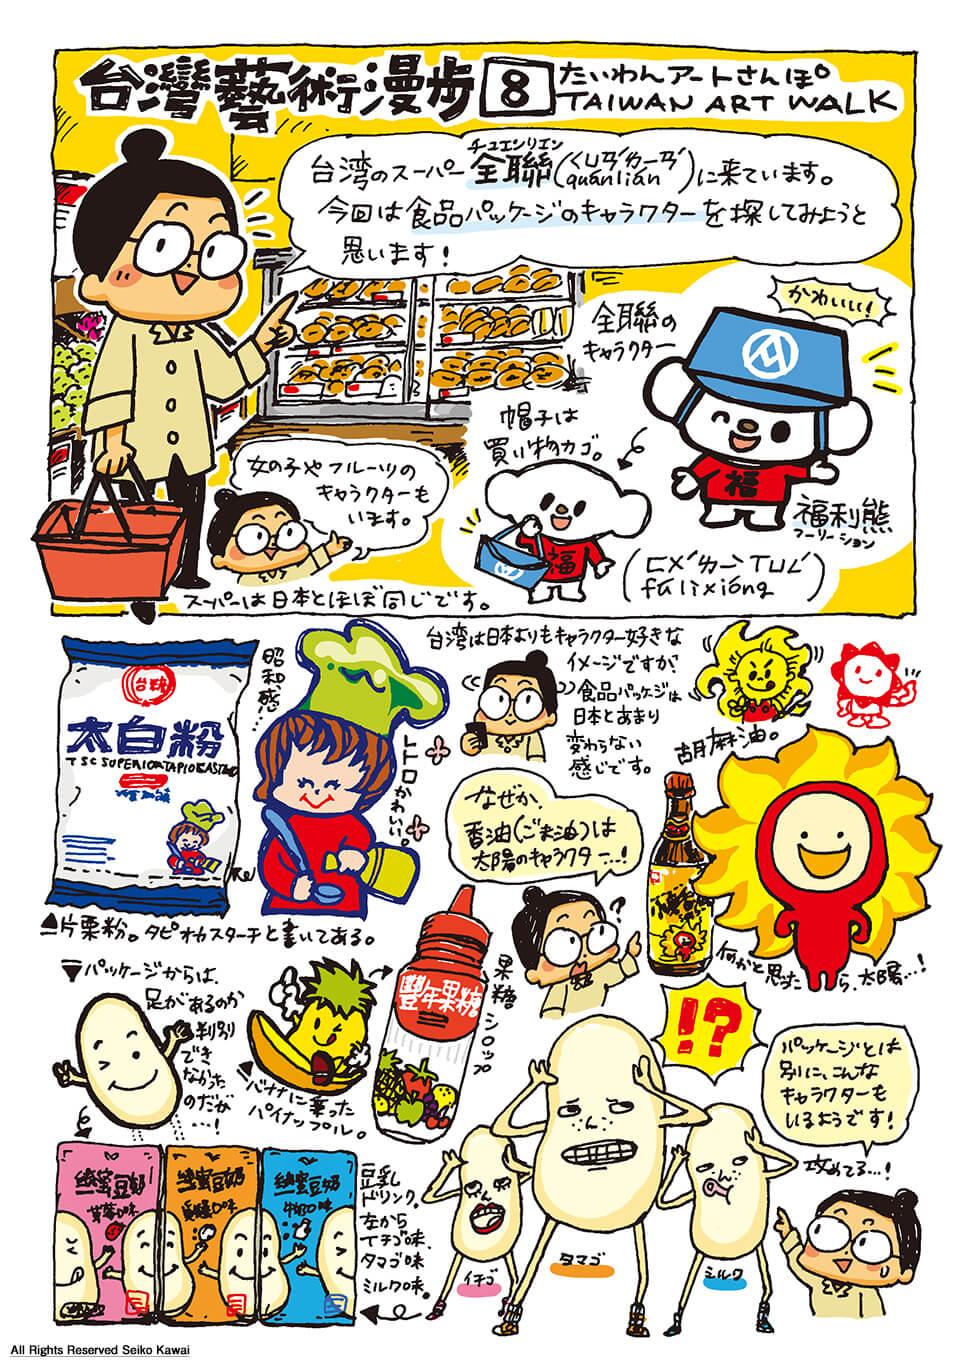 プラスフクオカ |WEBマンガ連載|河合誠子「台湾アート散歩」